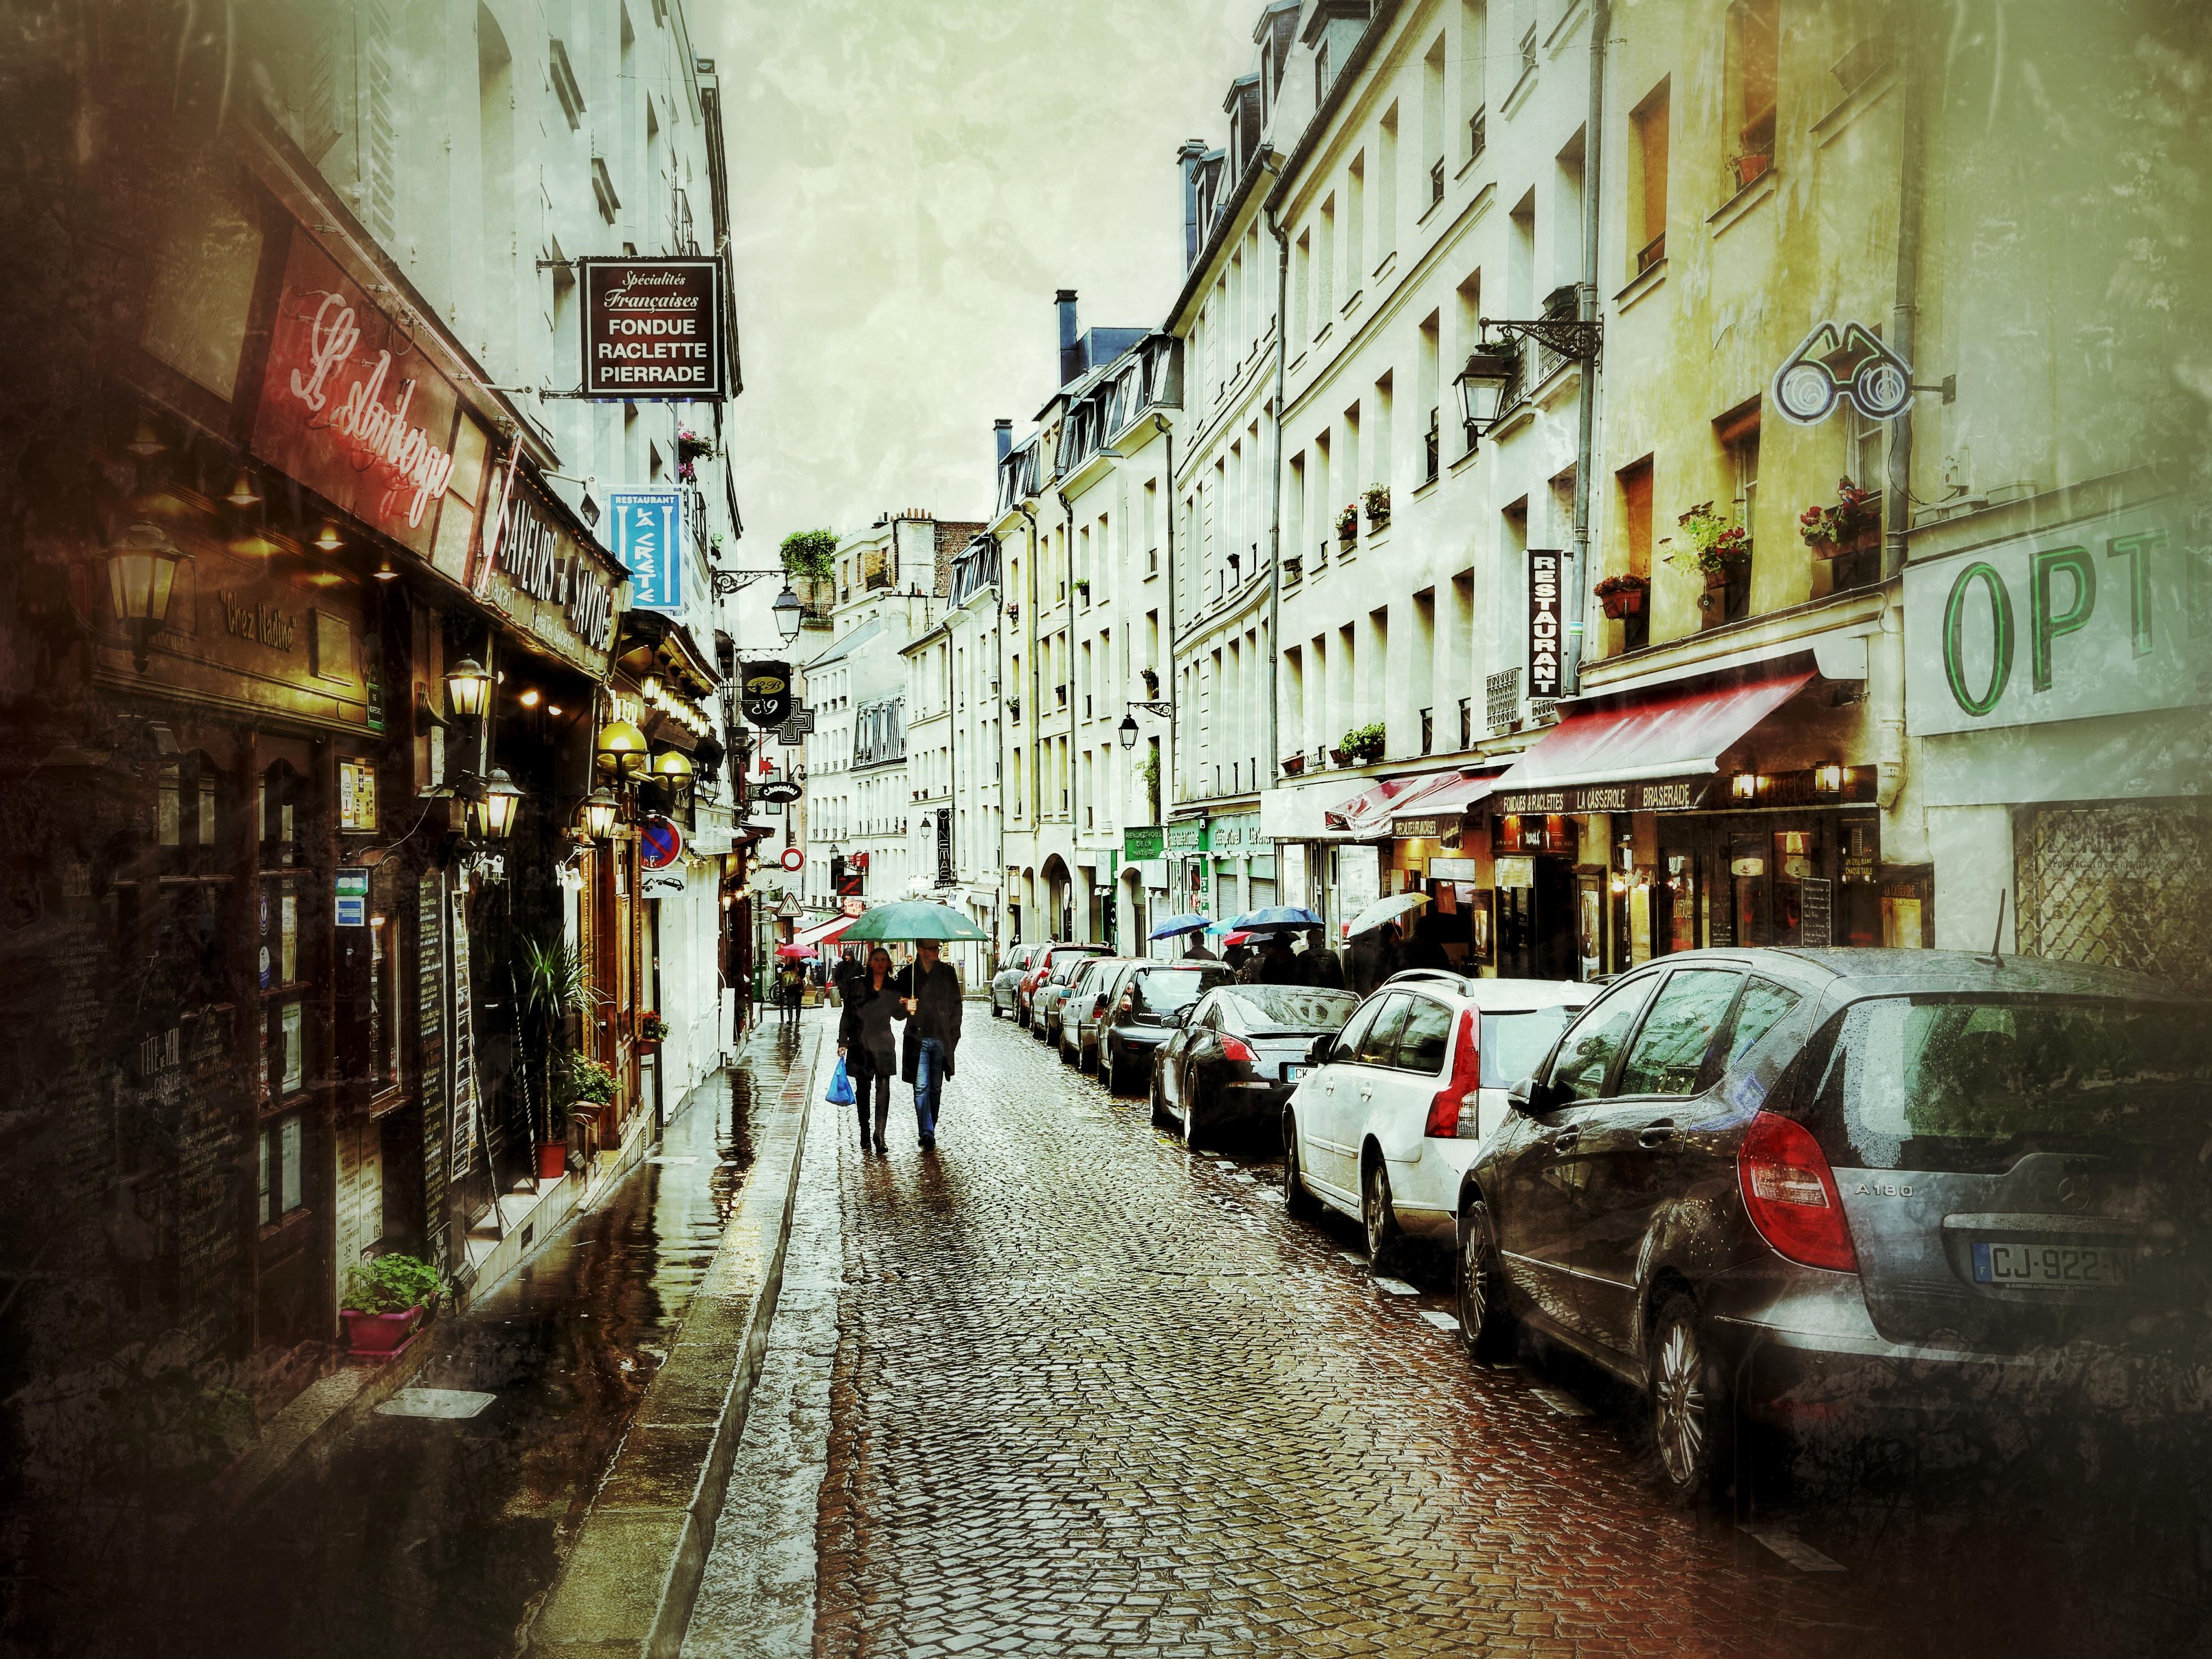 Paris Street Cafe Wallpaper Streets of paris 4027x3020